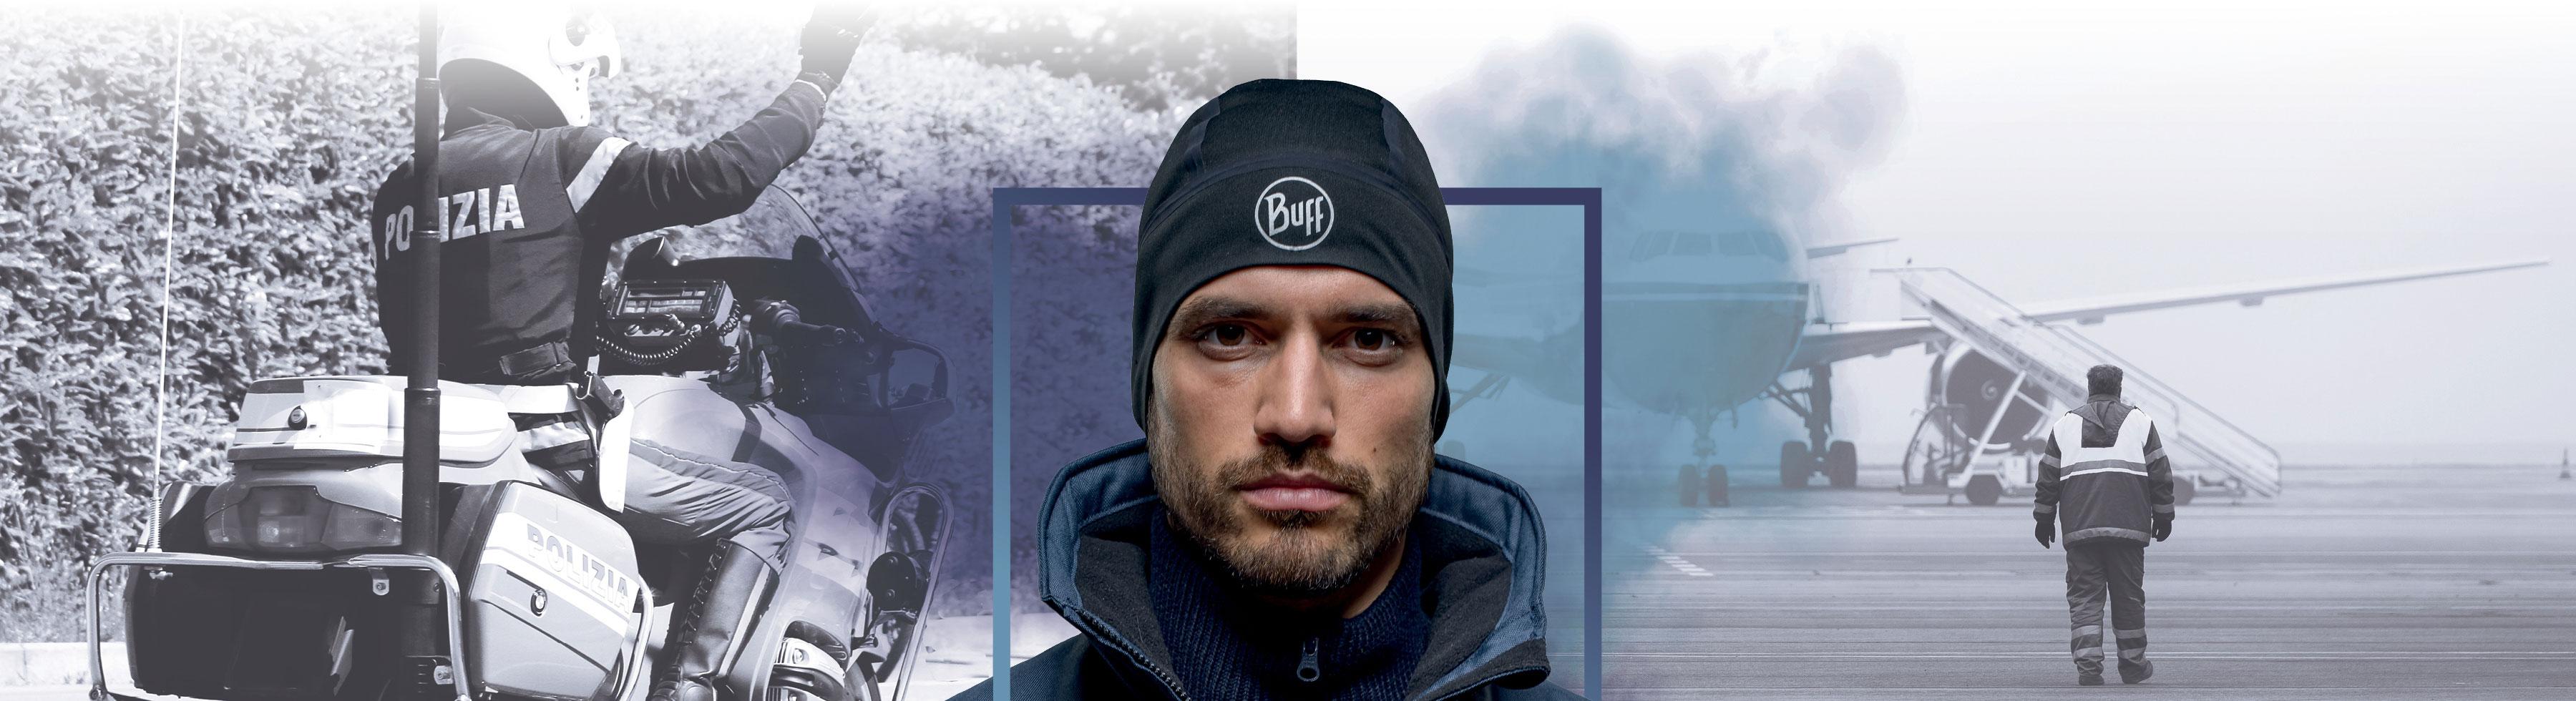 BUFF - Windproof Hat - Hovedbeklædning - kasket - hat